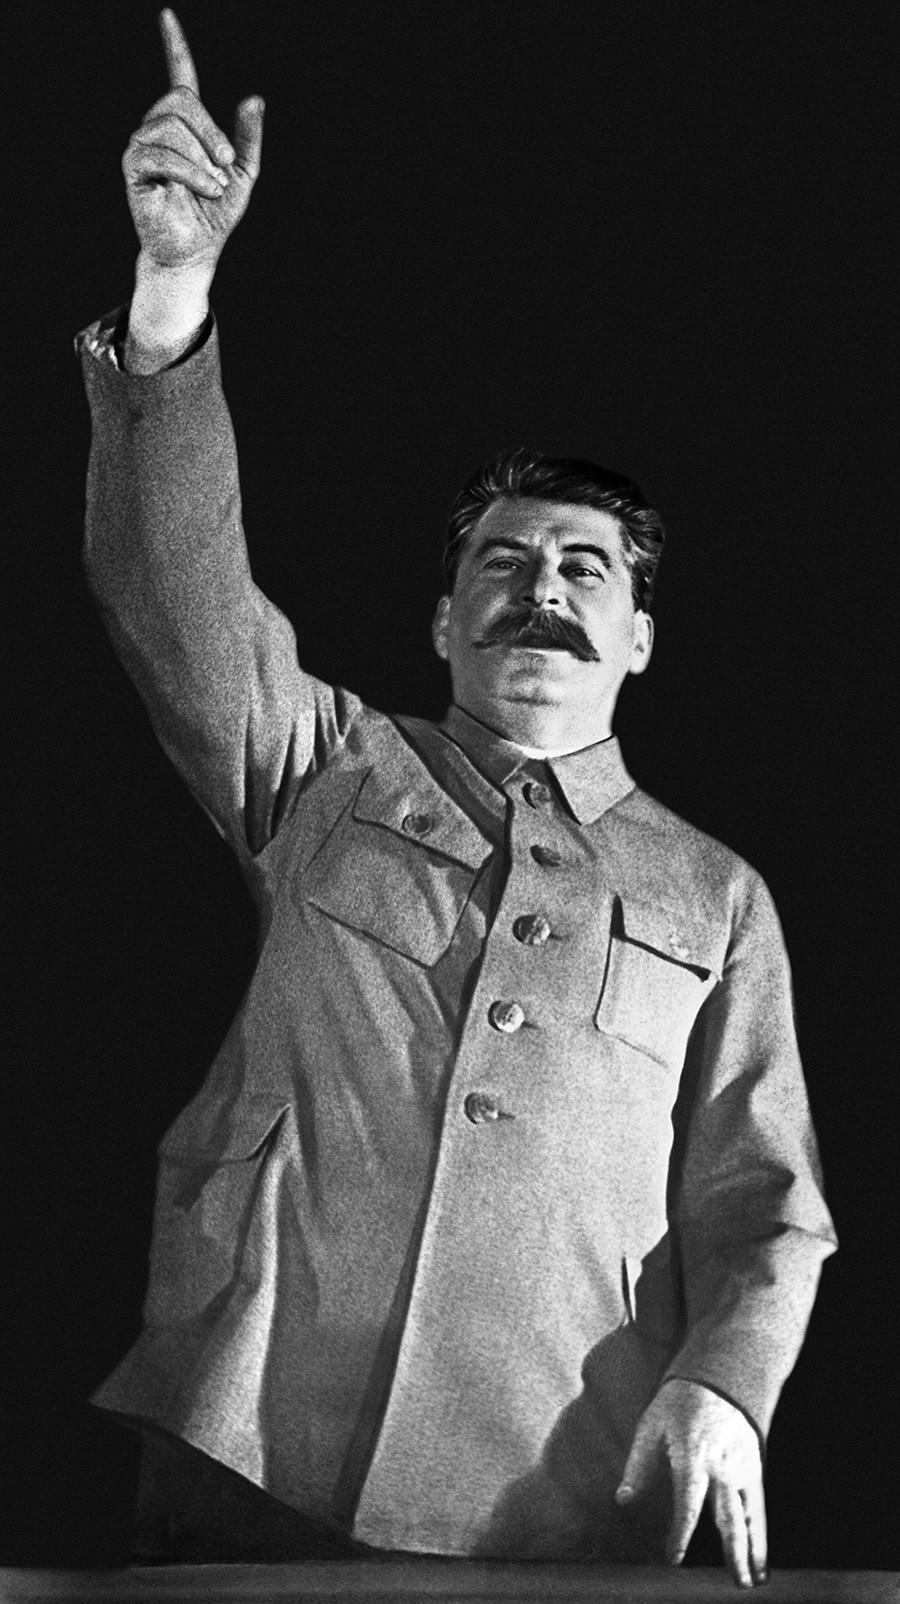 Pada 1920-an, Stalin mengenakan tunik abu-abu semimiliter dengan kerah tegak dan empat saku.